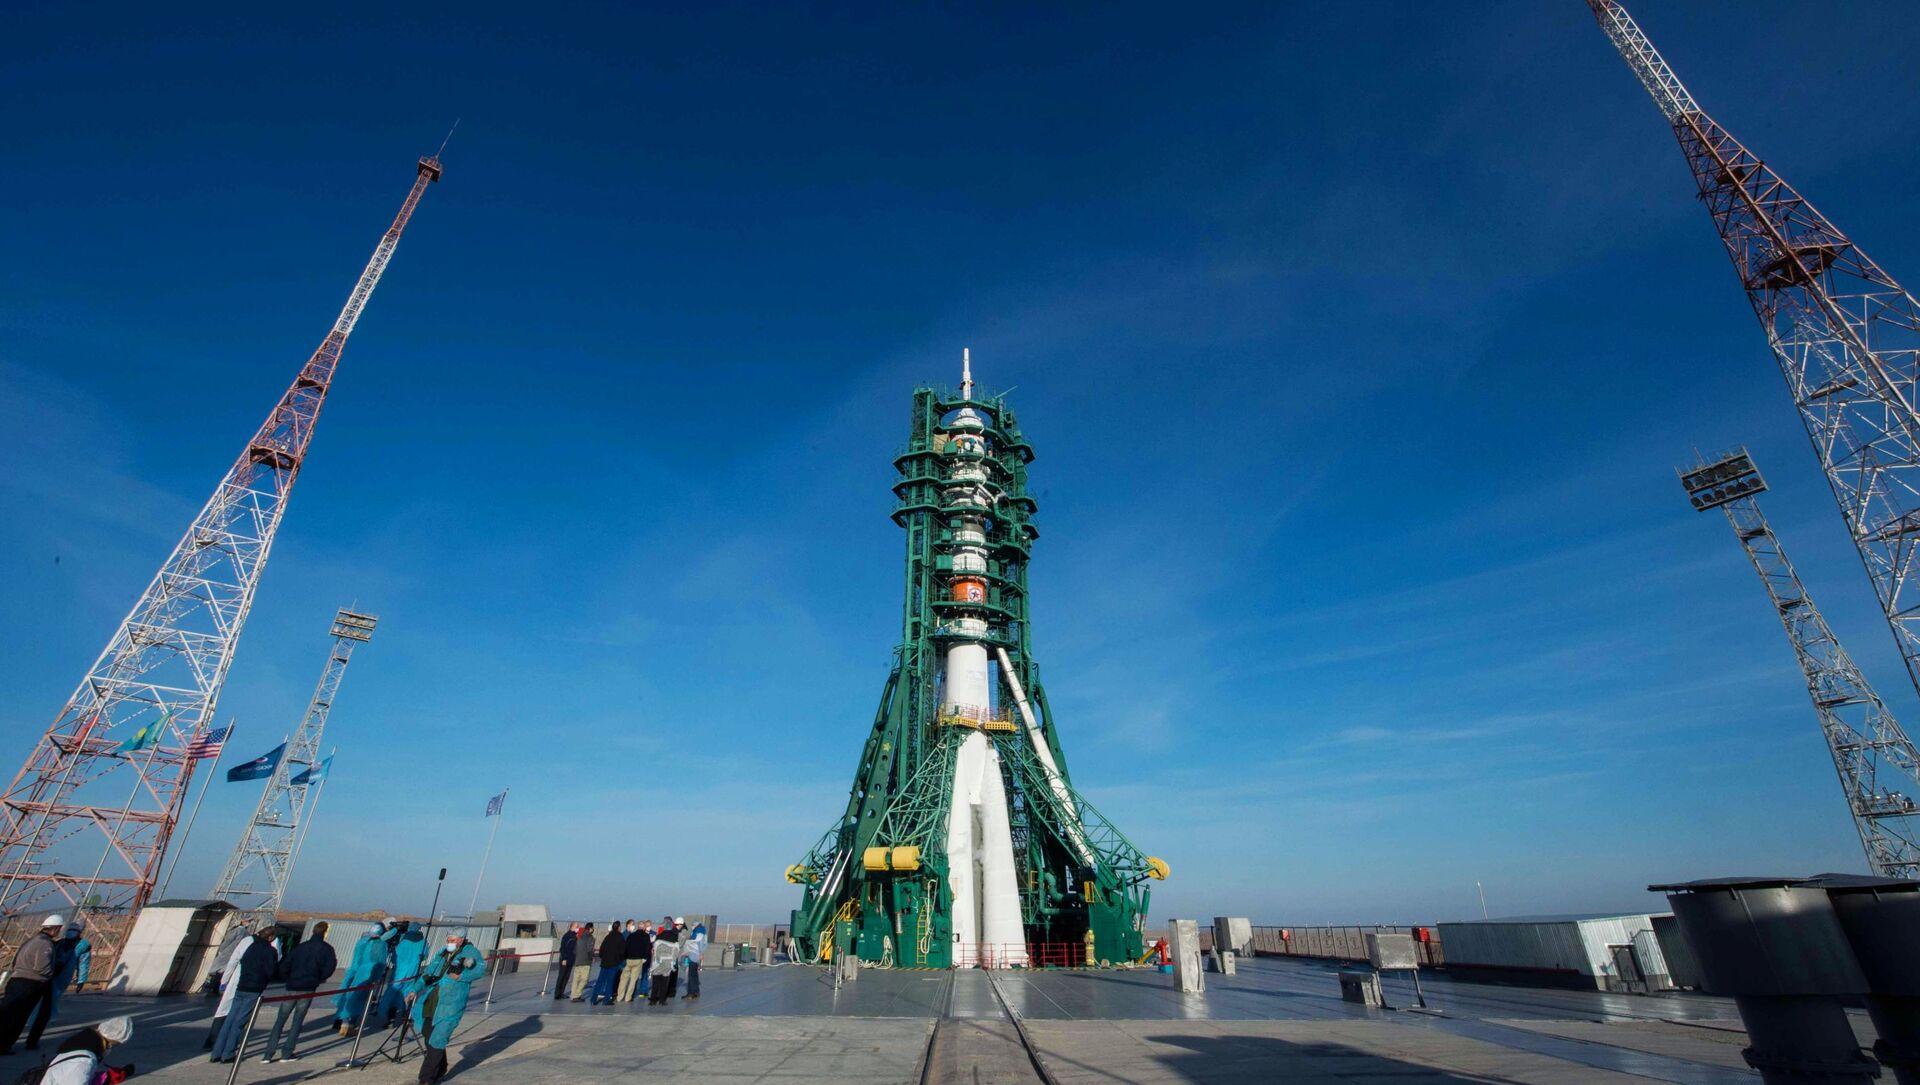 Start nosné rakety Sojuz 2.1a z kosmodromu Bajkonur s pilotovanou lodí Sojuz MS-17 - Sputnik Česká republika, 1920, 08.02.2021